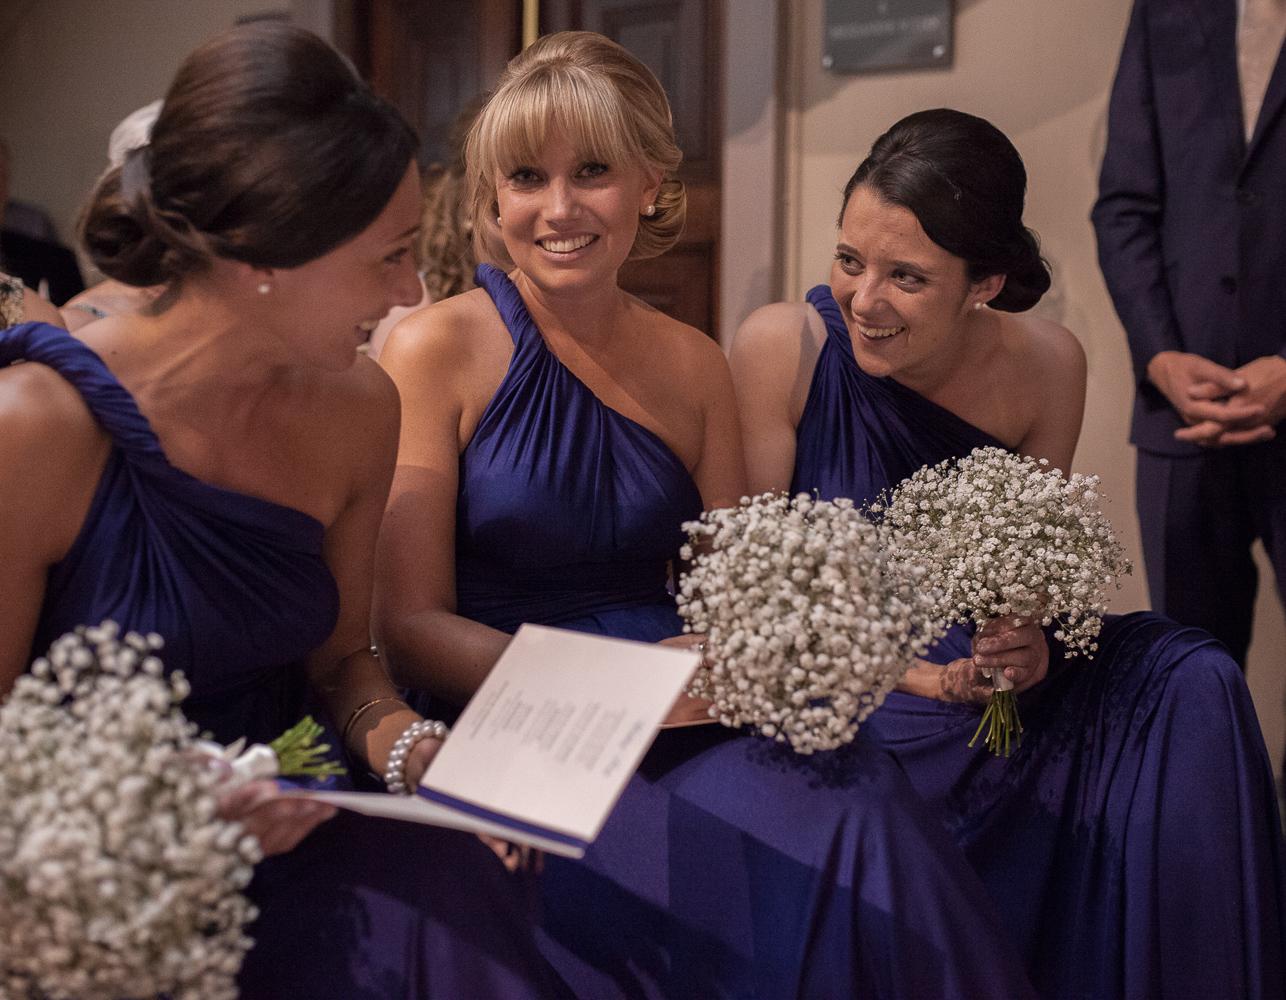 leigh court wedding bristol-25.jpg